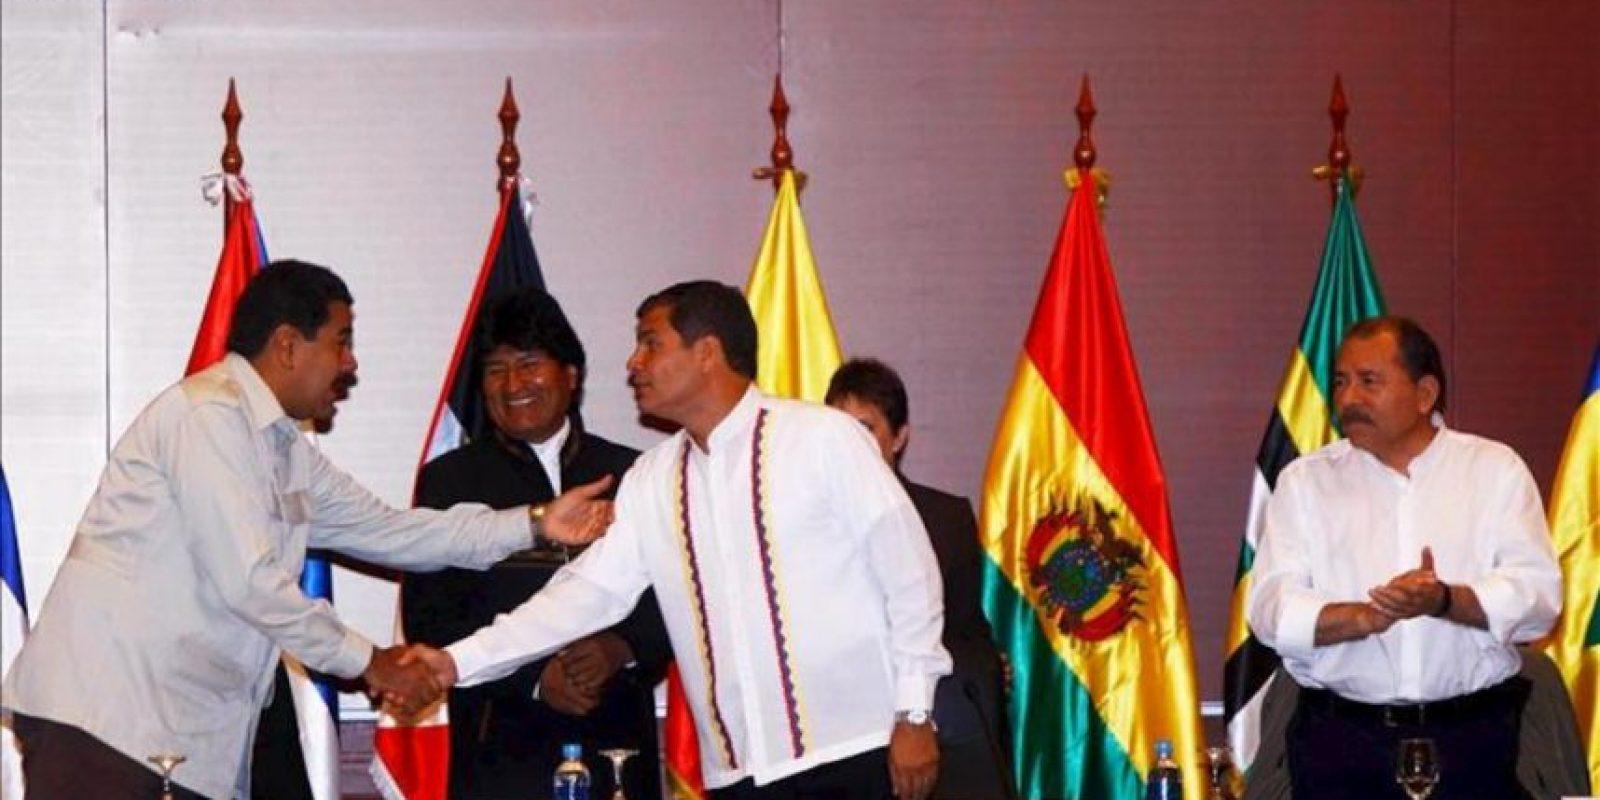 El presidente de Ecuador, Rafael Correa (3-d), el de Bolivia, Evo Morales (2-i), y el de Nicaragua, Daniel Ortega (d), y el de Venezuela, Nicolás Maduro (i), hablan durante la inauguración de la XII cumbre de la Alianza Bolivariana para los pueblos de nuestra América (ALBA), que se celebra en Guayaquil (Ecuador). EFE